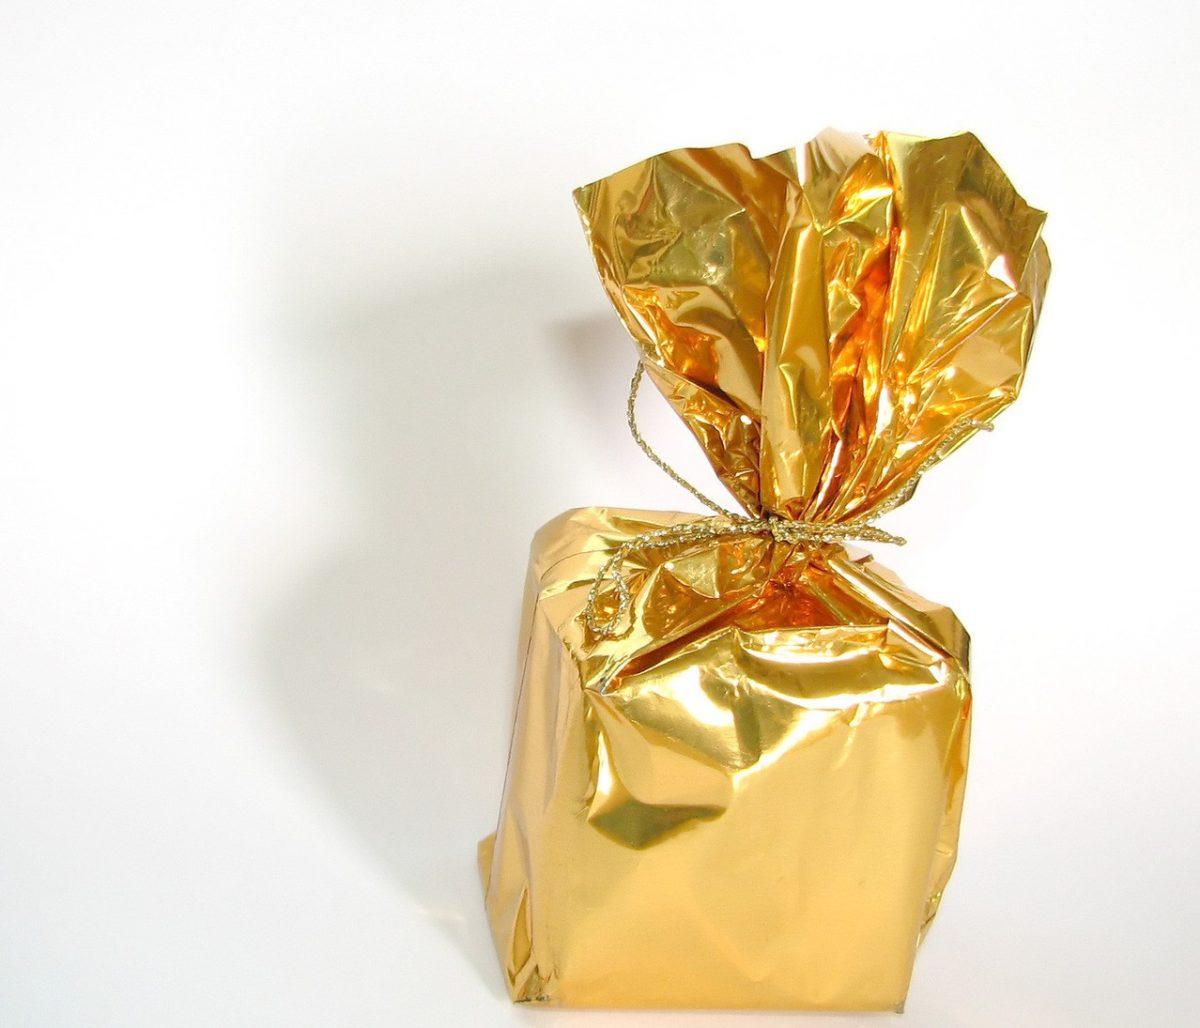 Czy potrzebujemy pomysłów na prezenty?